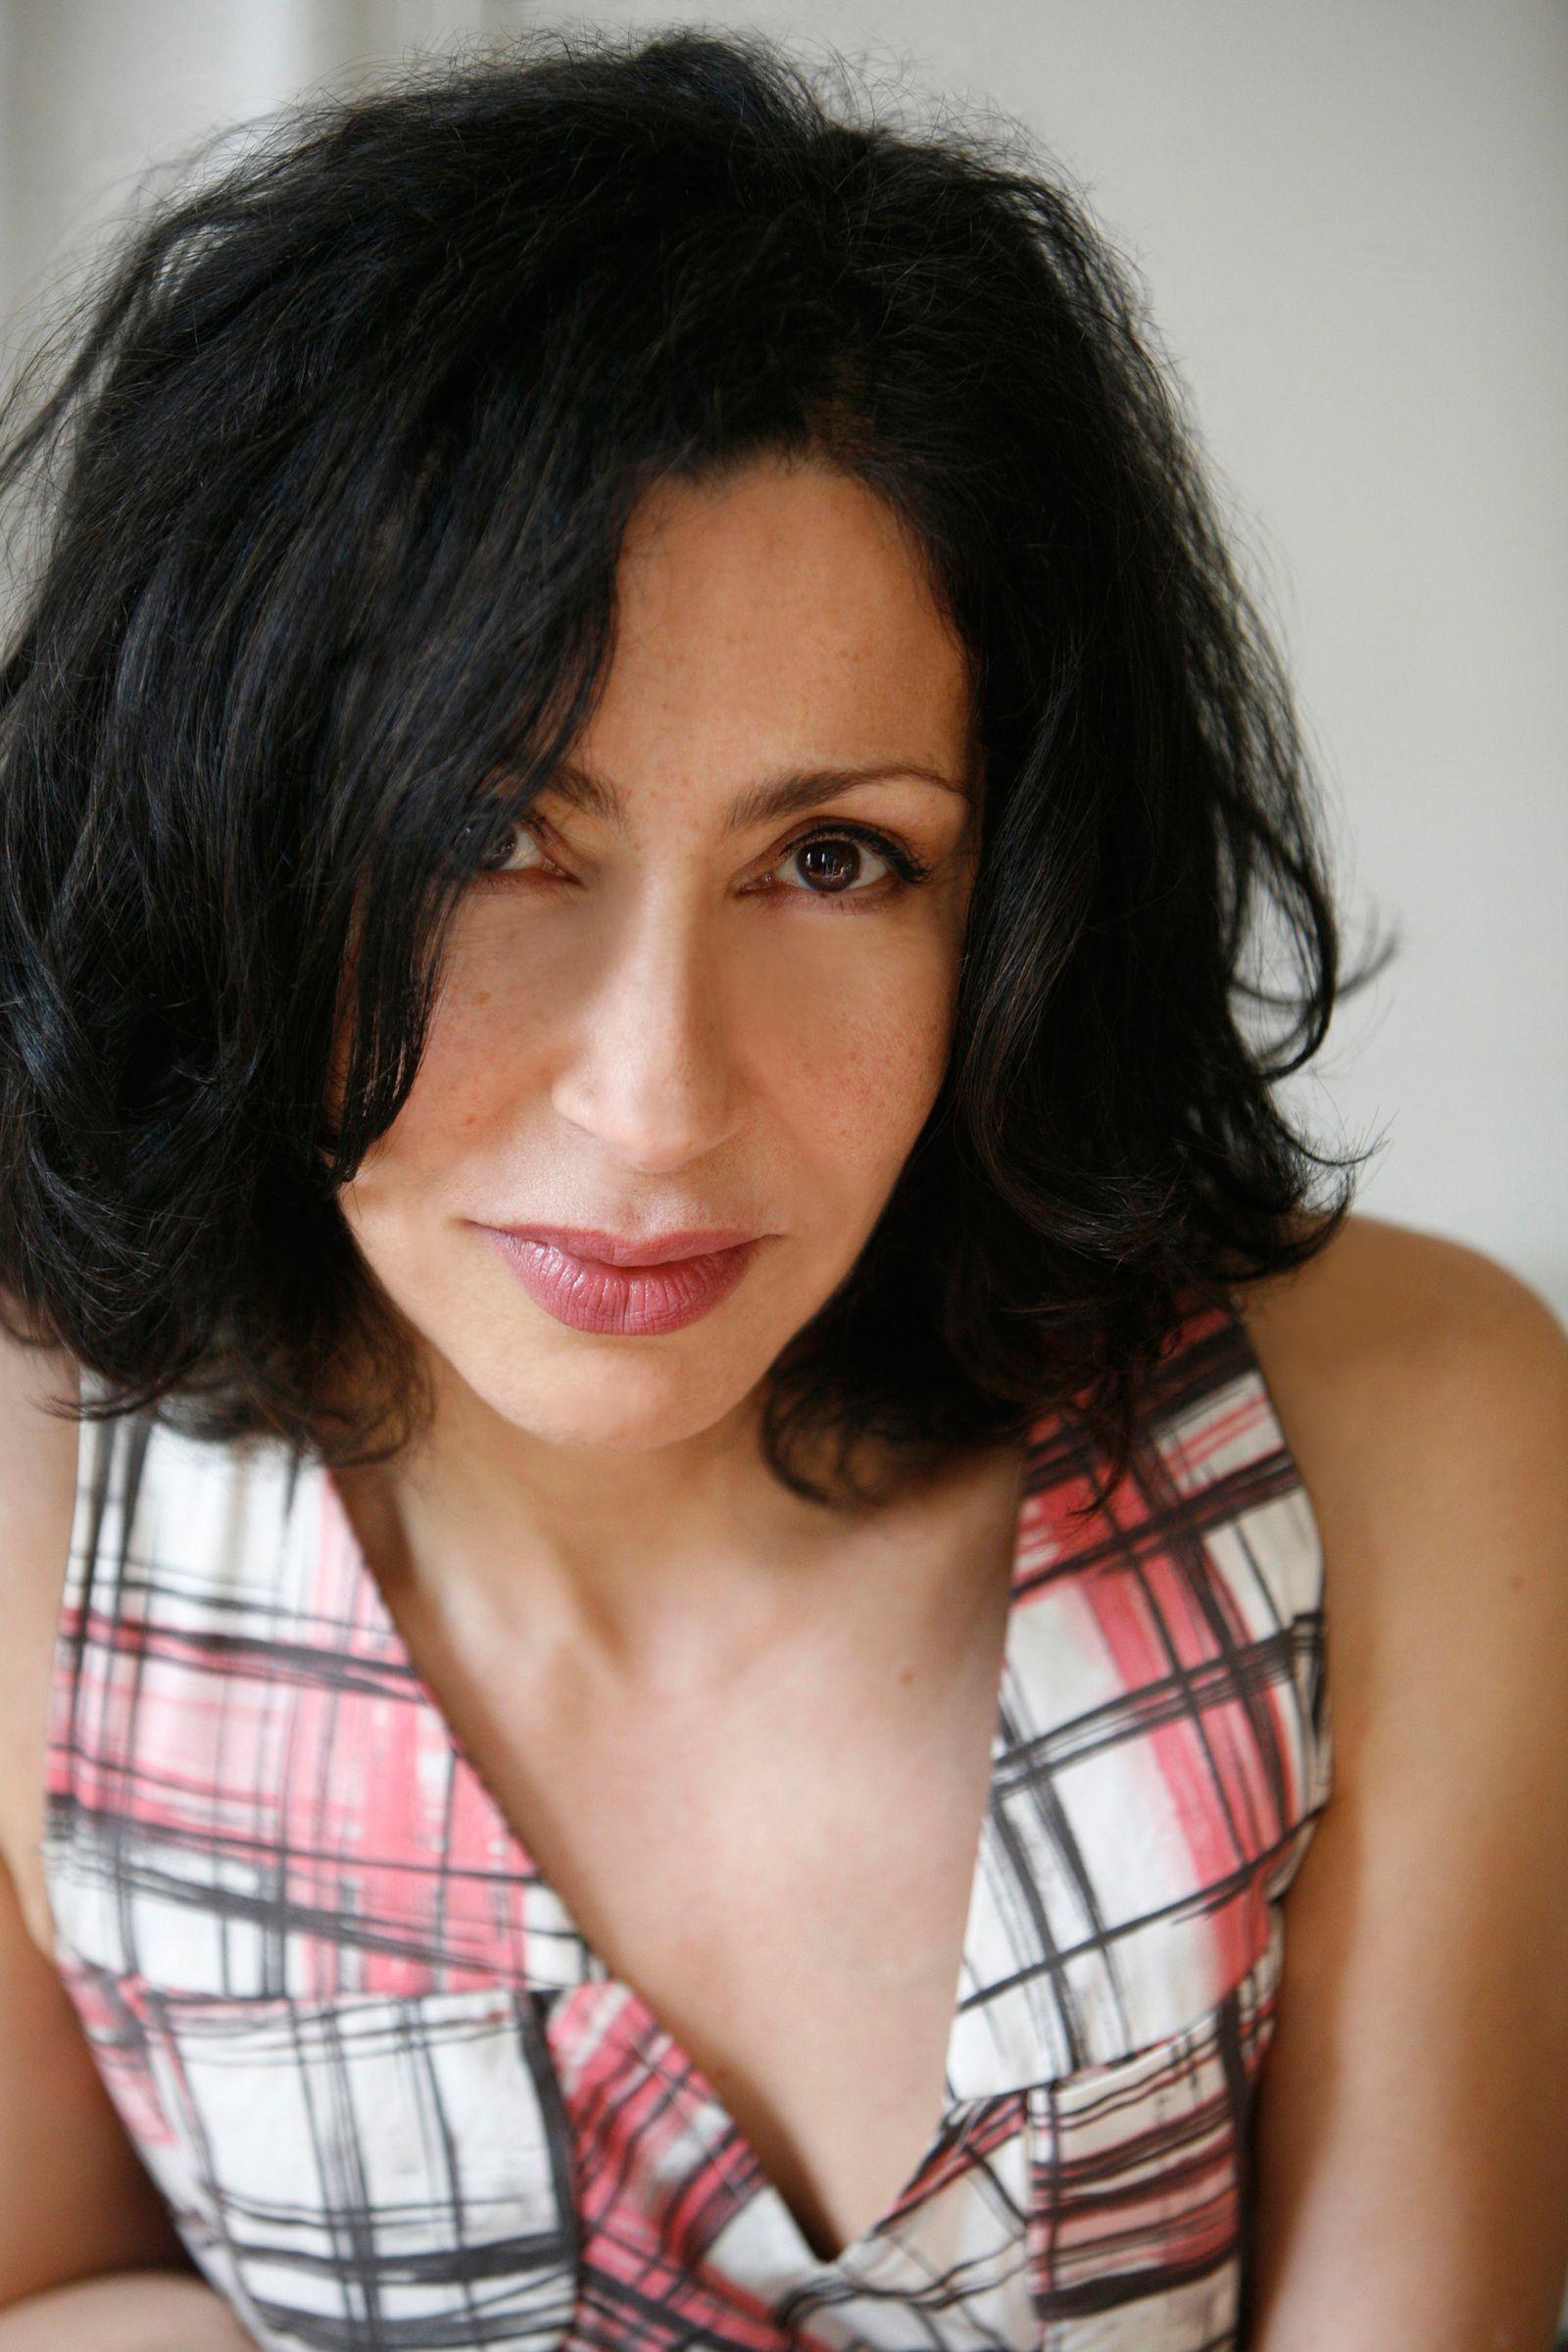 EINMALIGE VERWENDUNG Tageskarte 05.02.14/ Buch/ Yasmina Reza: Glücklich die Glücklichen COVER